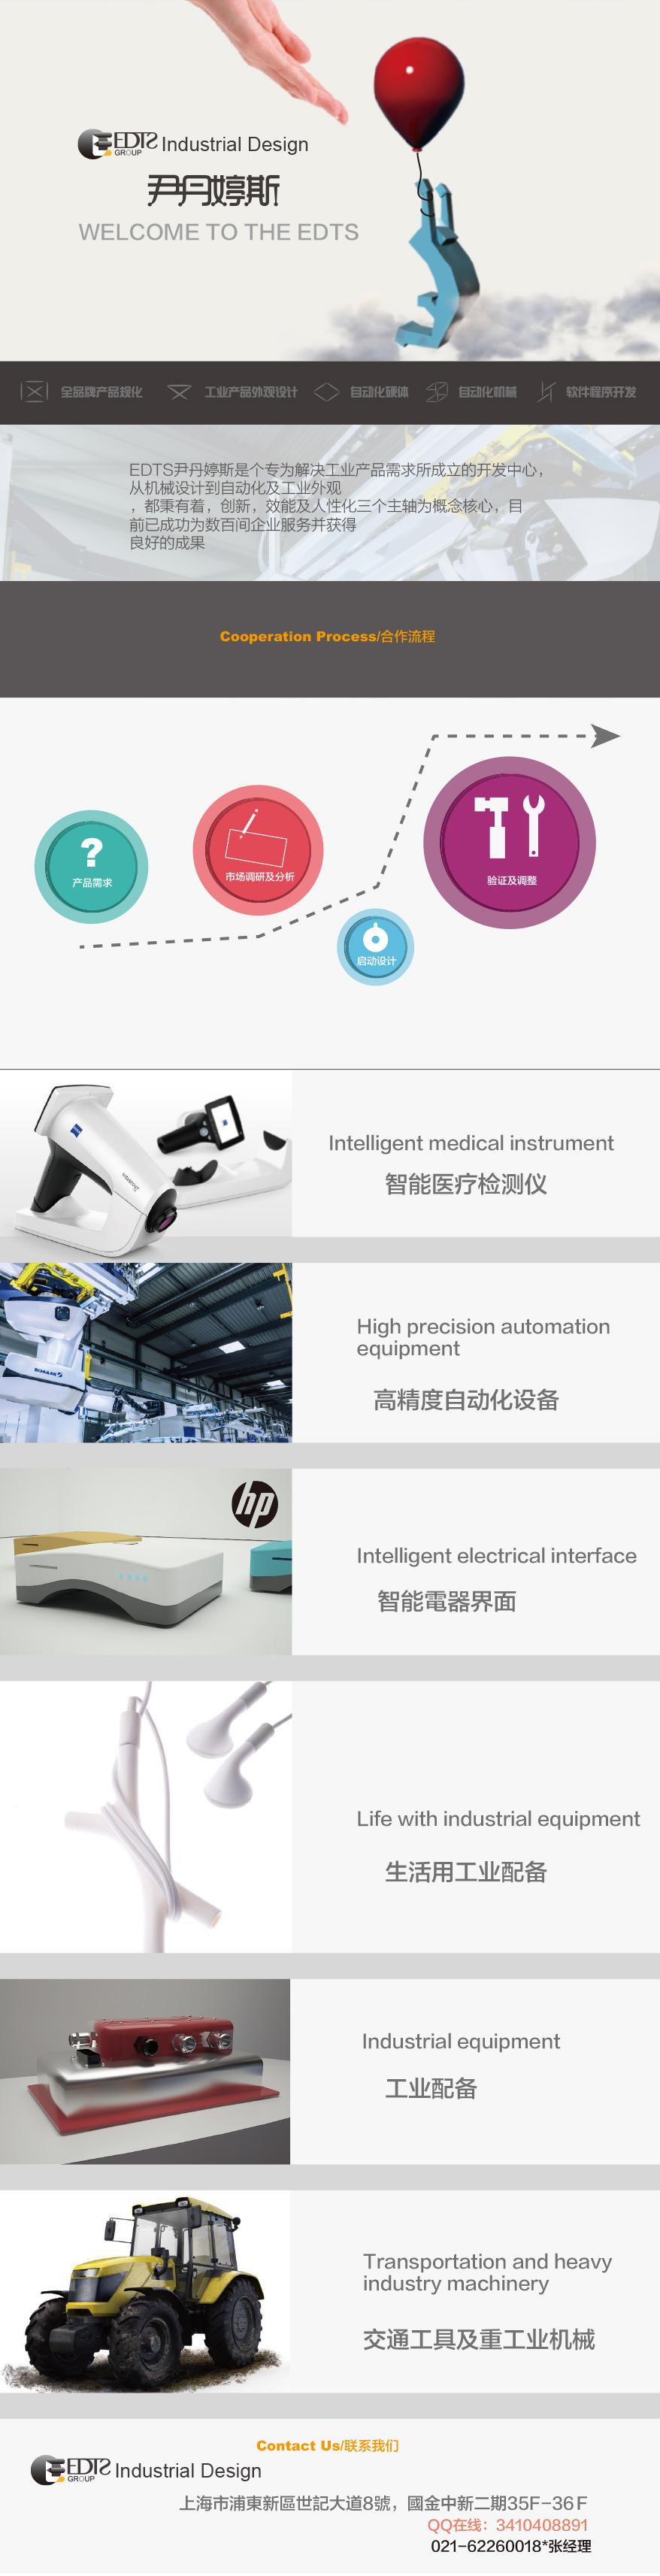 自動化工業設備